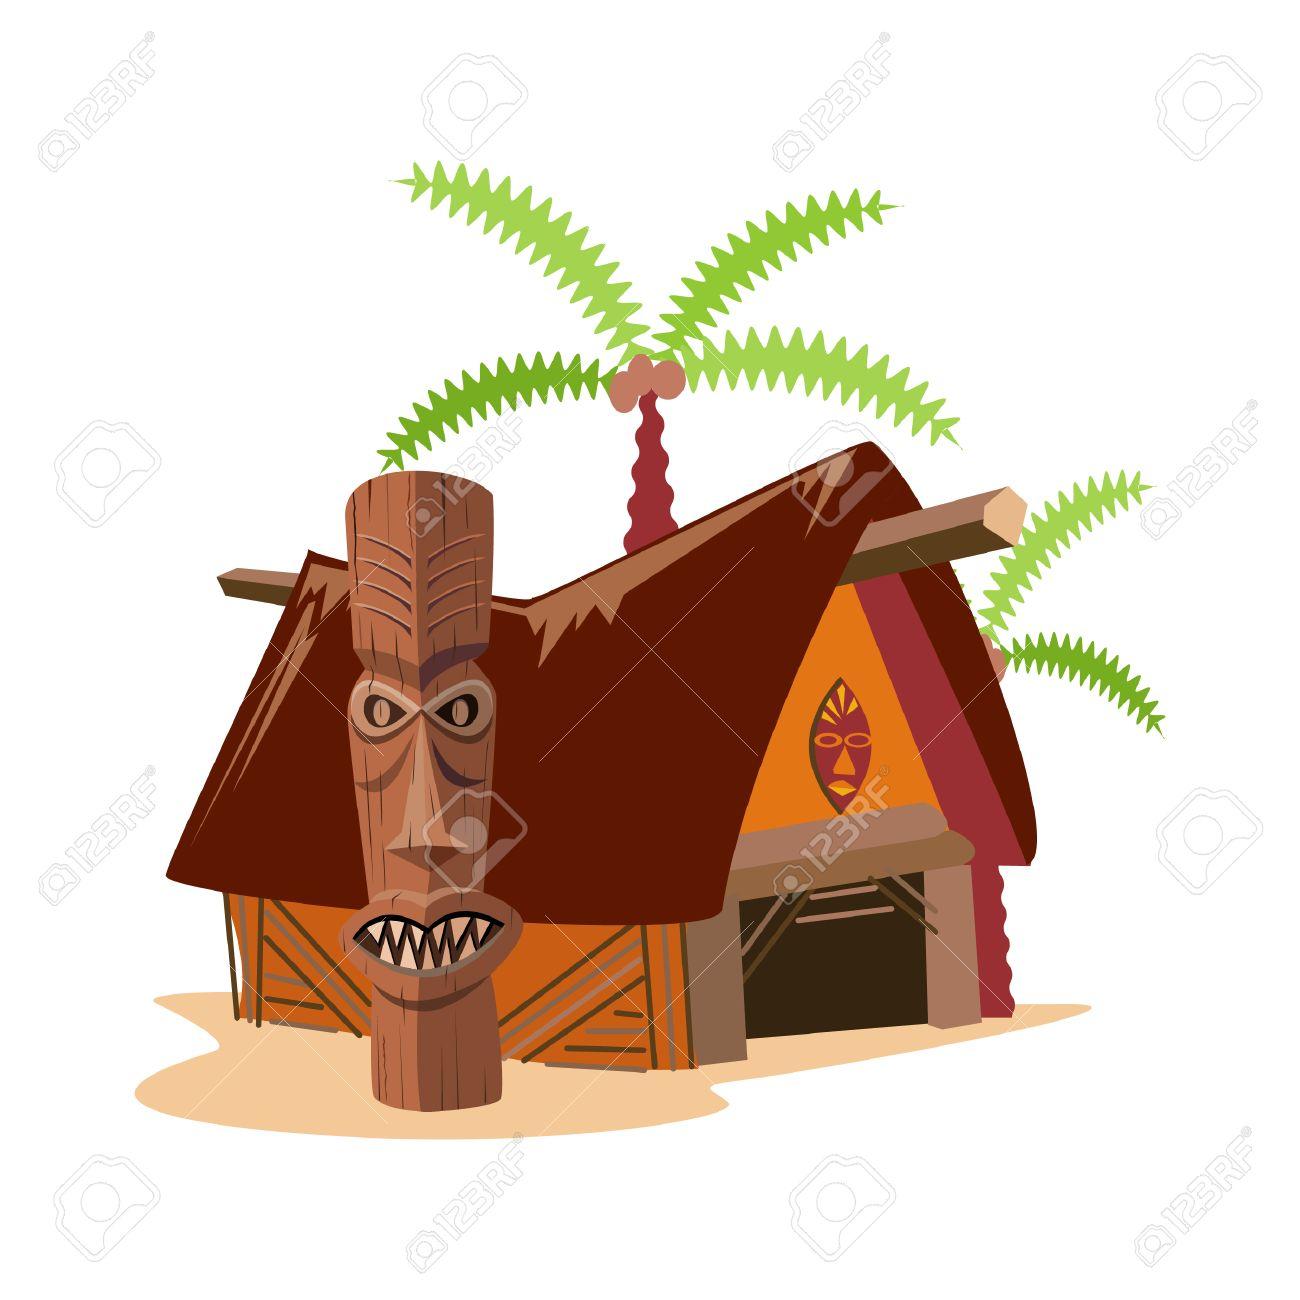 Tiki hut clipart 3 » Clipart Station.